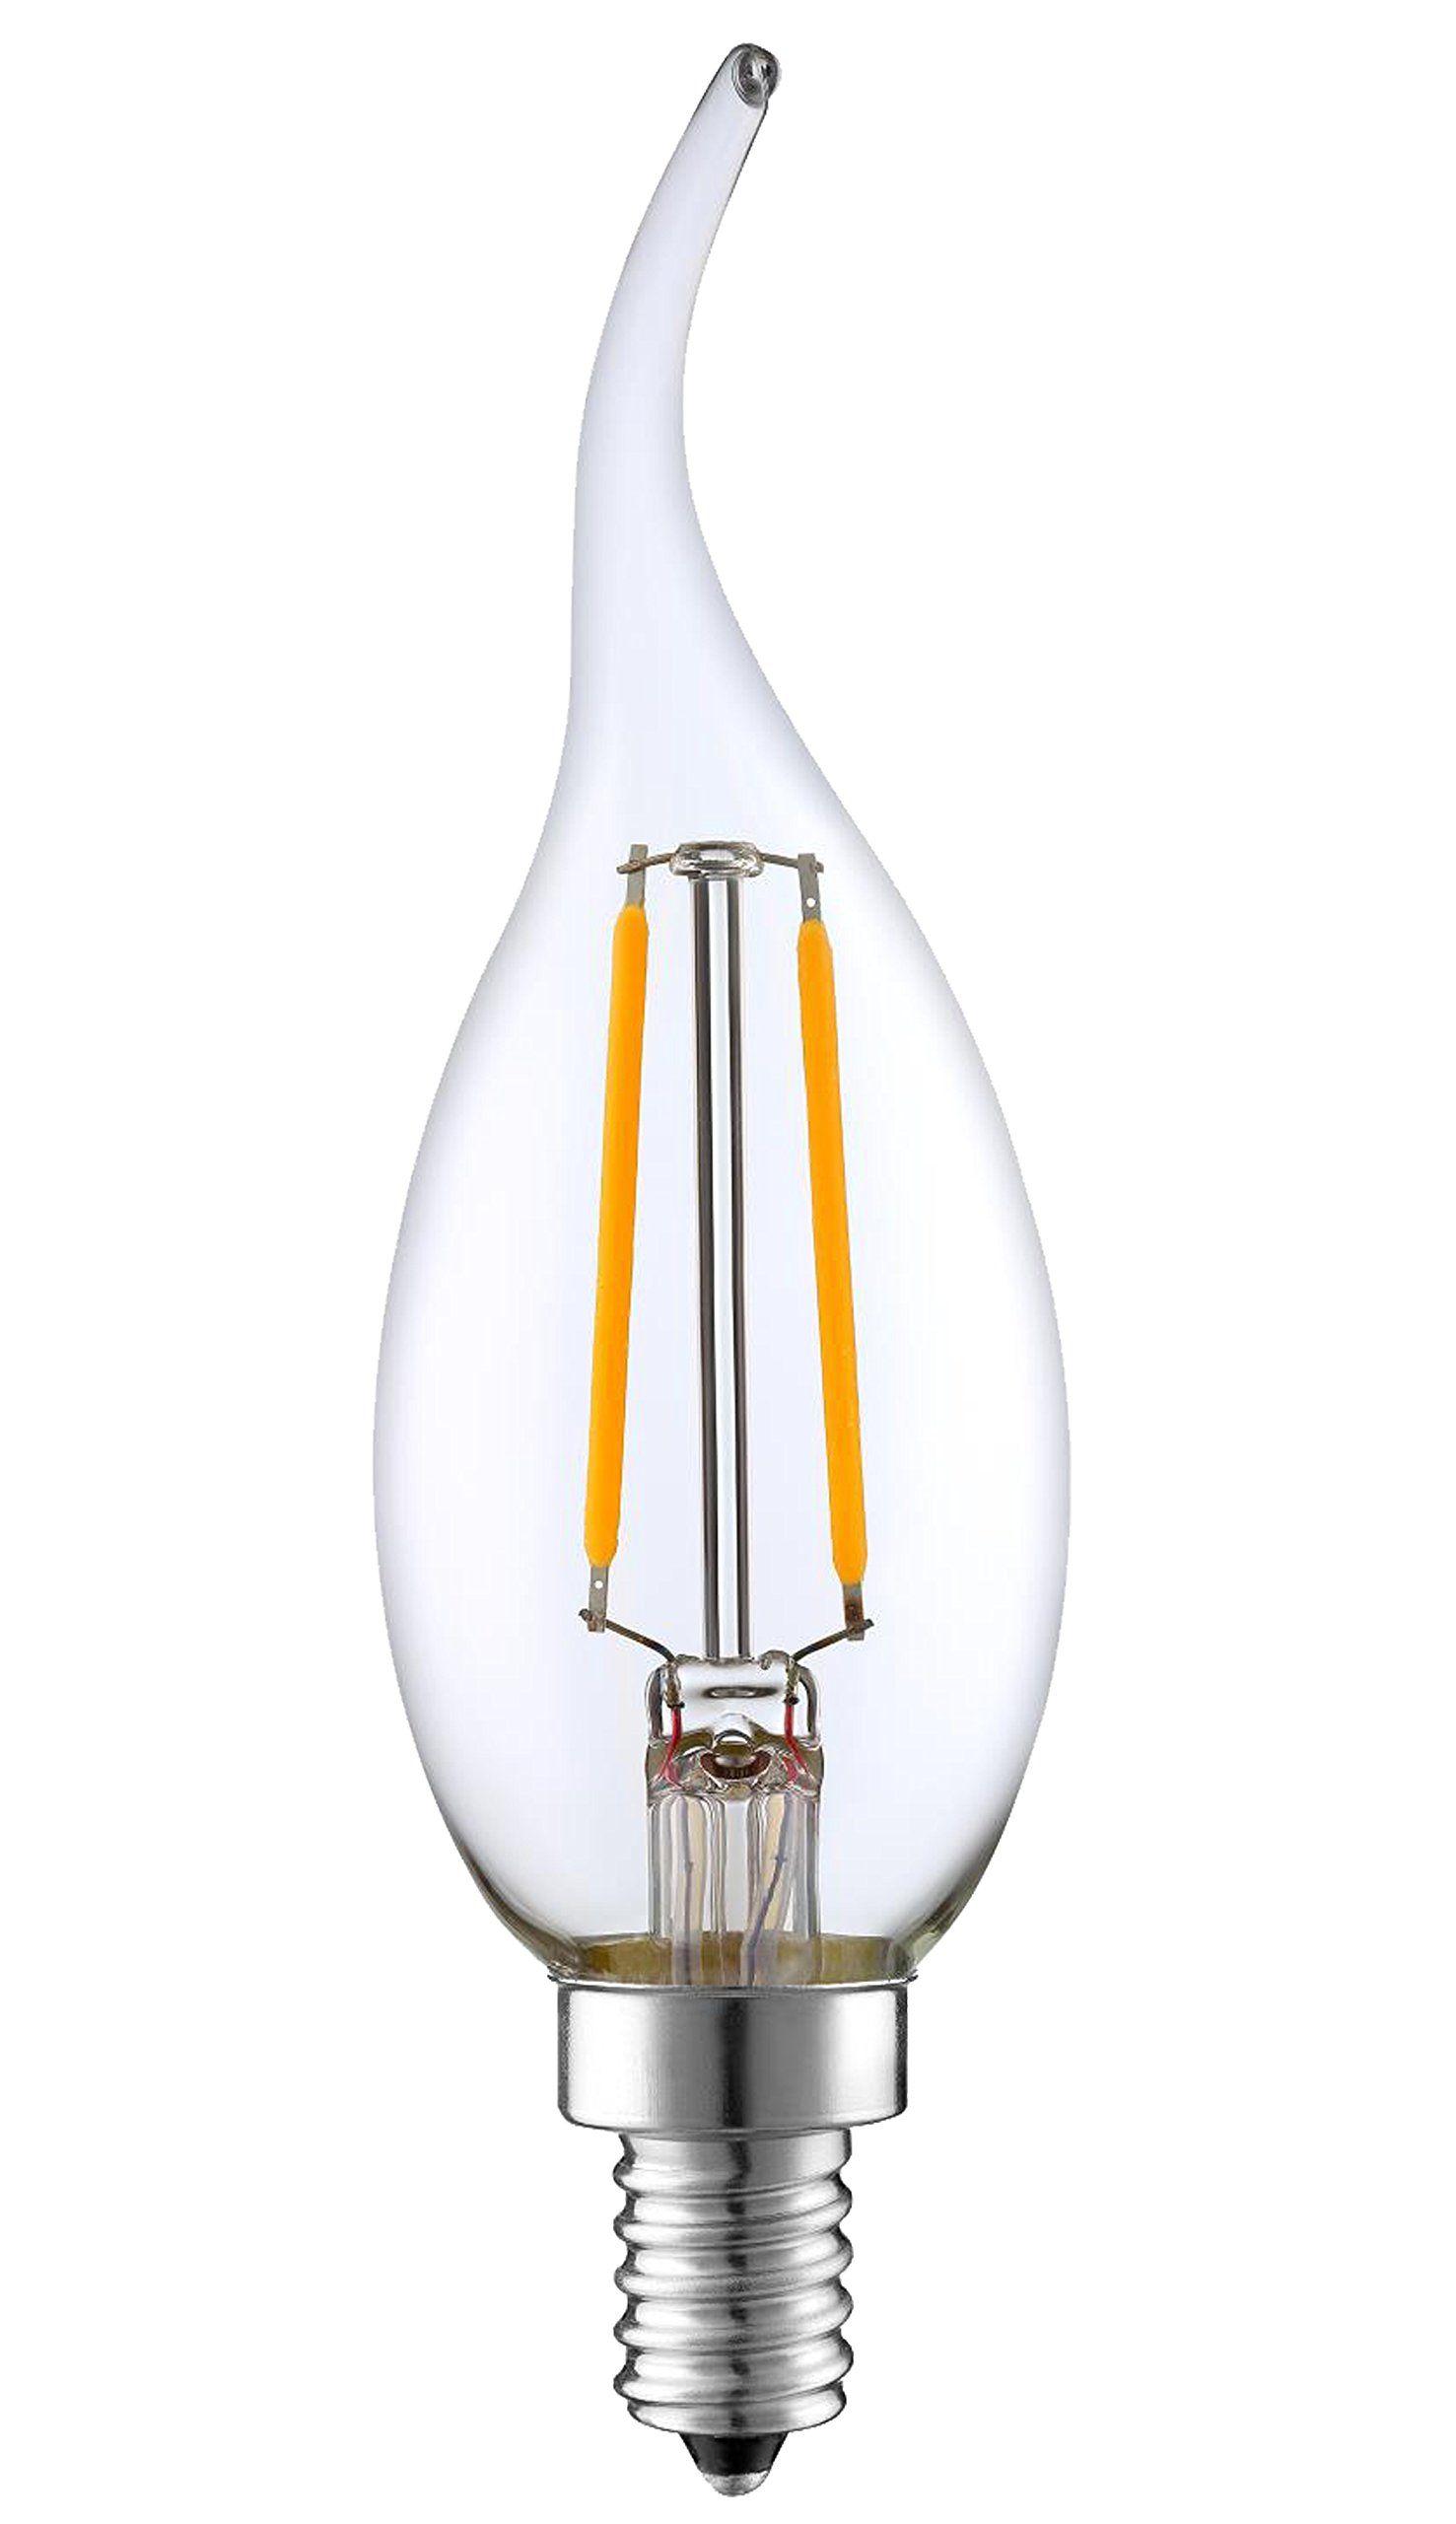 Sleeklighting 2 Watt E12 Led Filament Candelabra Dimmable Light Bulb Warm White 2700k Chandelier Decorativ In 2020 Light Bulb Dimmable Light Bulbs Led Candelabra Bulbs